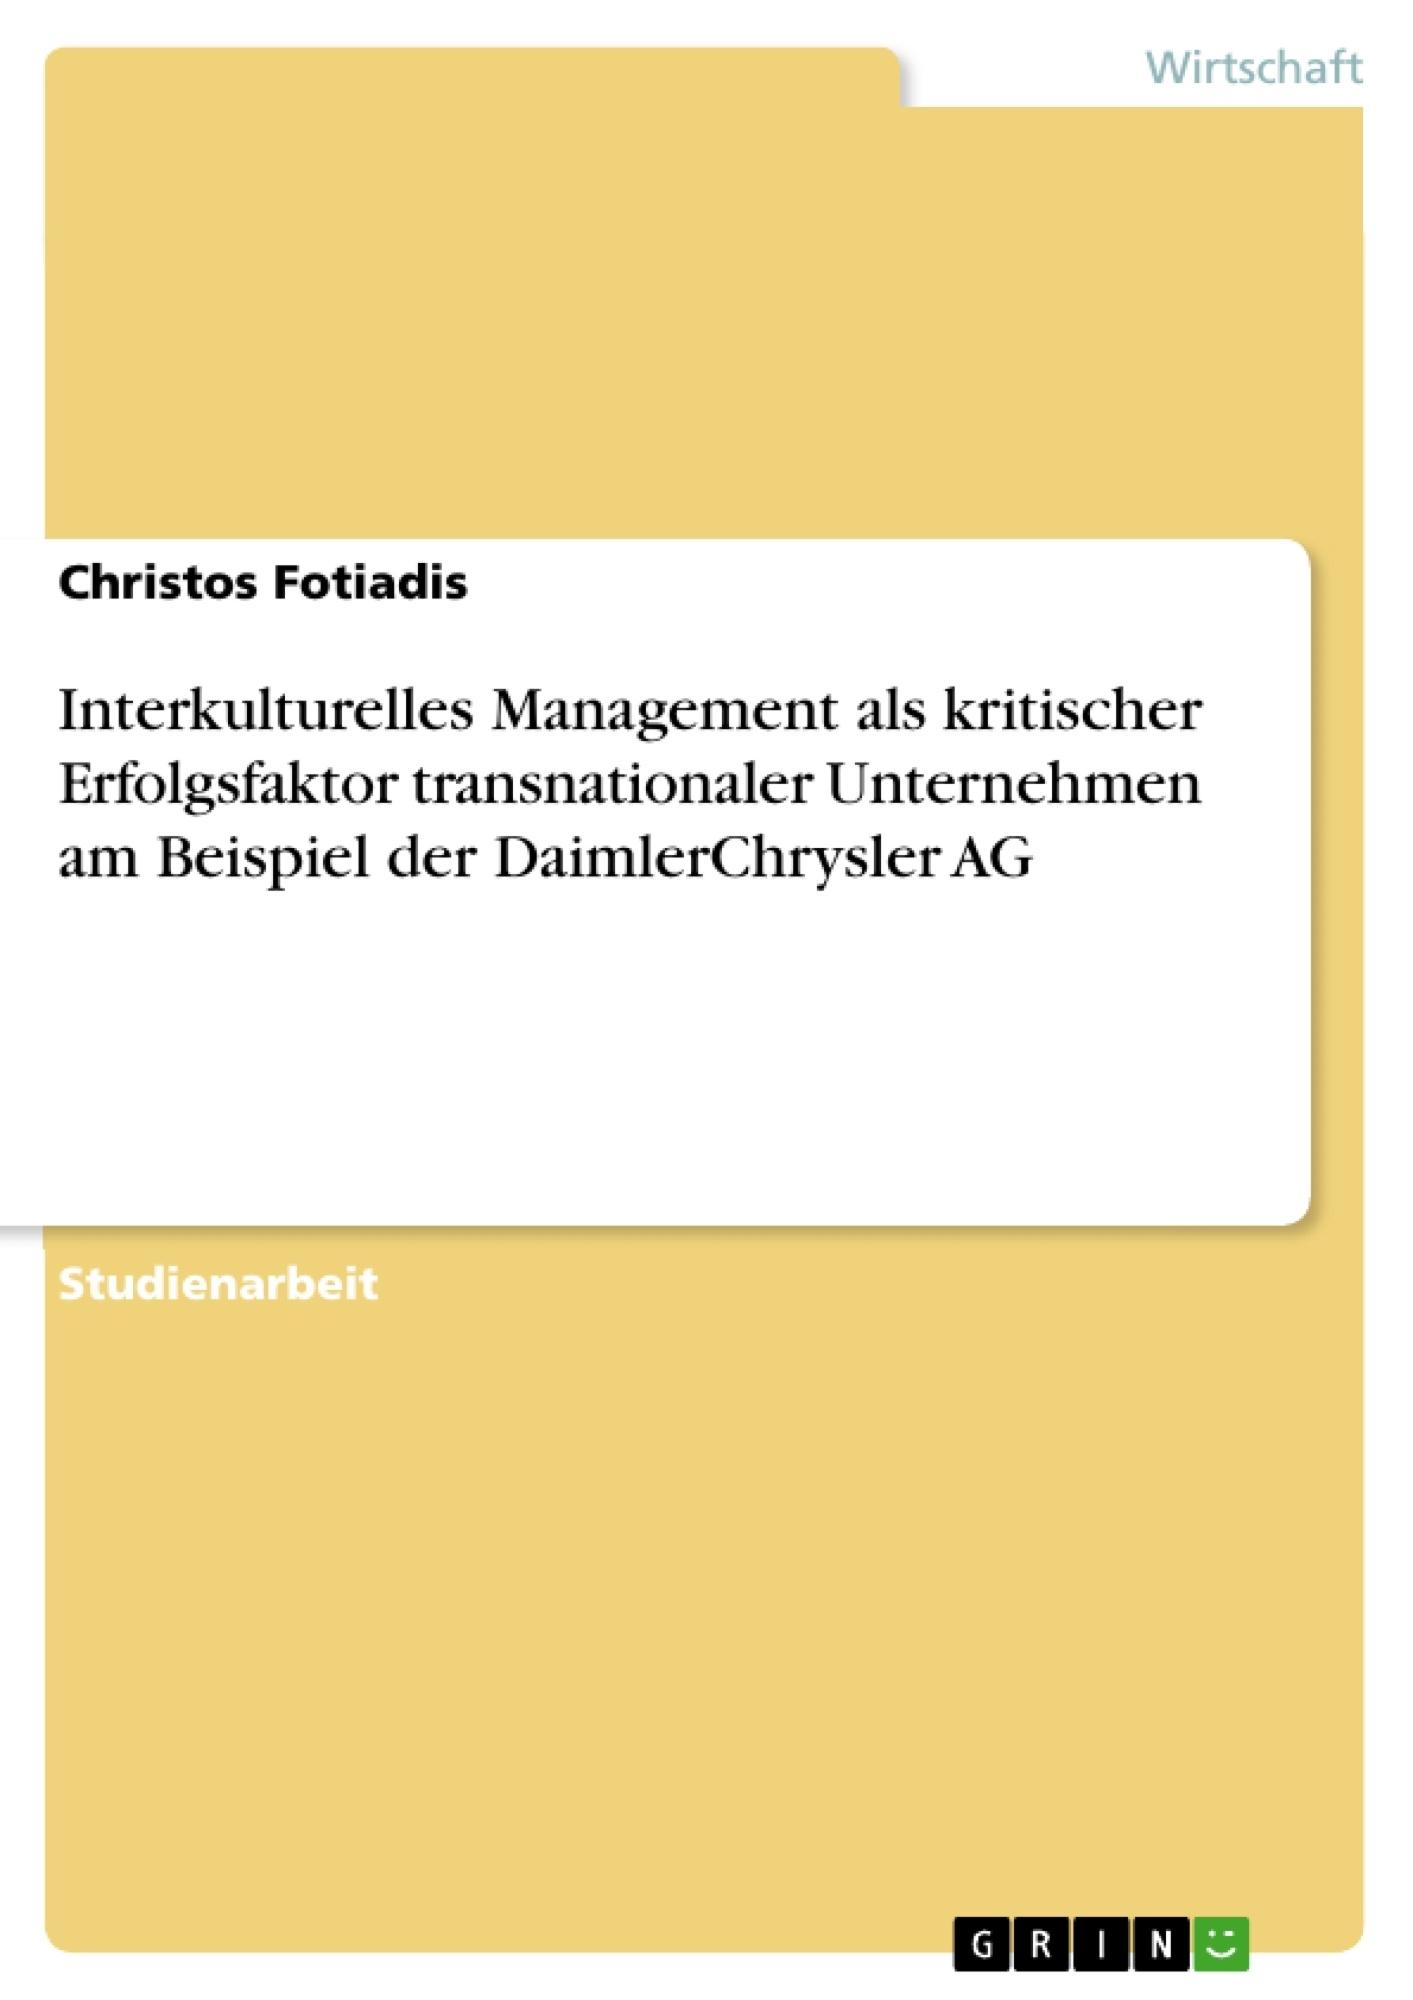 Titel: Interkulturelles Management als kritischer Erfolgsfaktor transnationaler Unternehmen am Beispiel der DaimlerChrysler AG